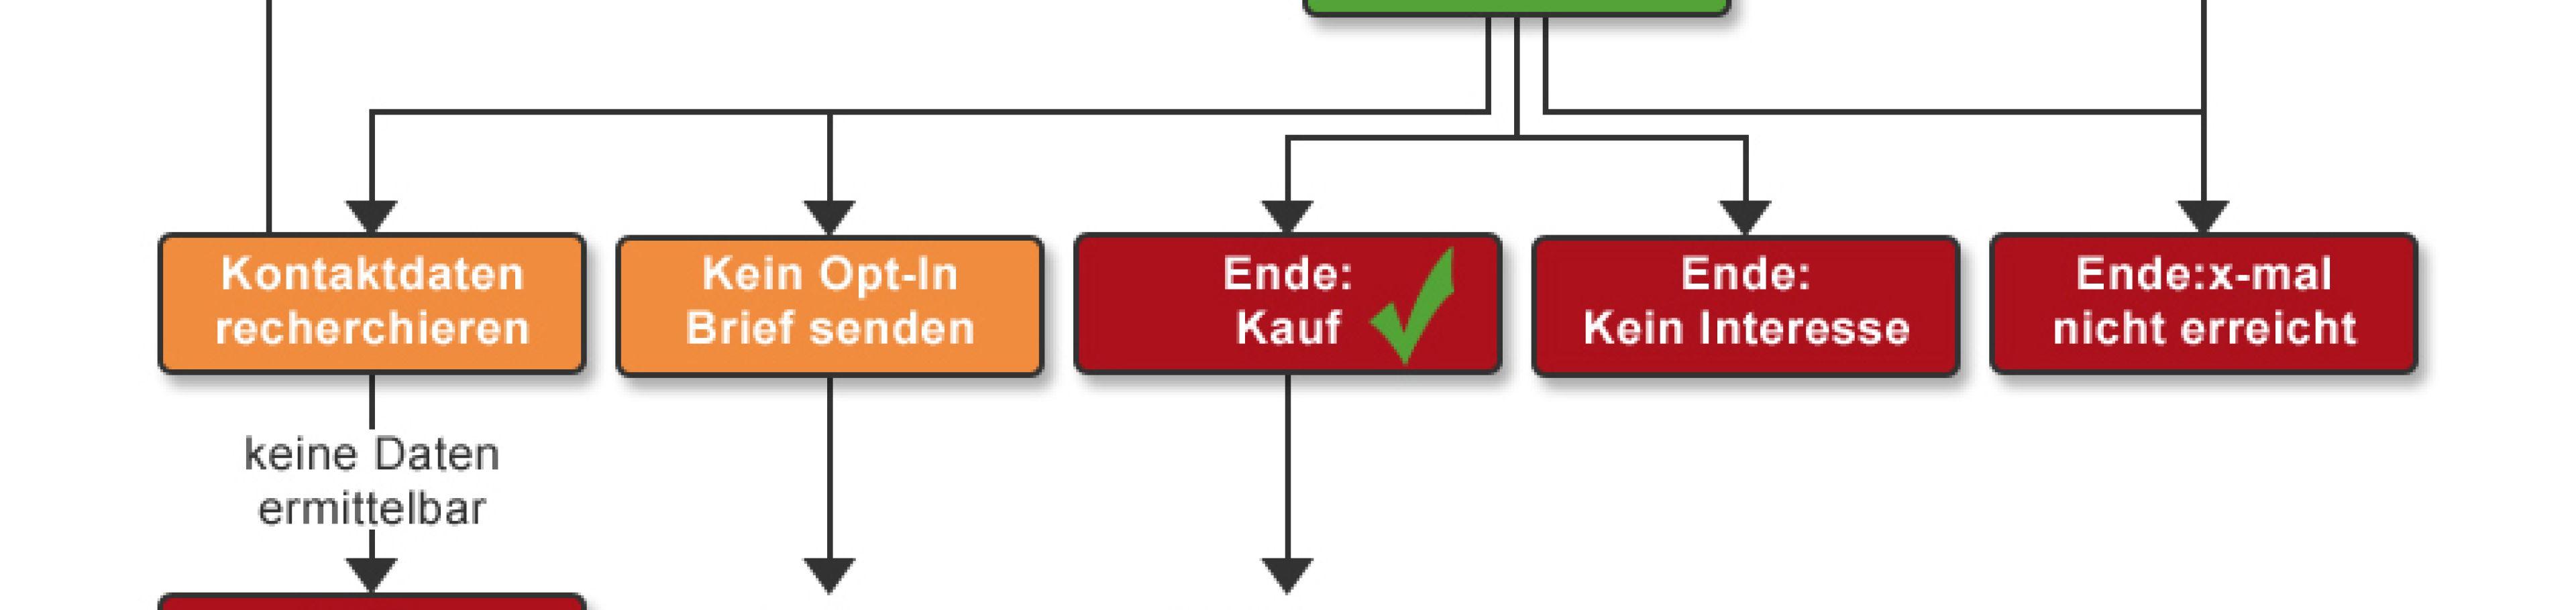 Callcenter Mittelstand Software AG-VIP SQL: Abbildung mehrstufiger Kampagnen